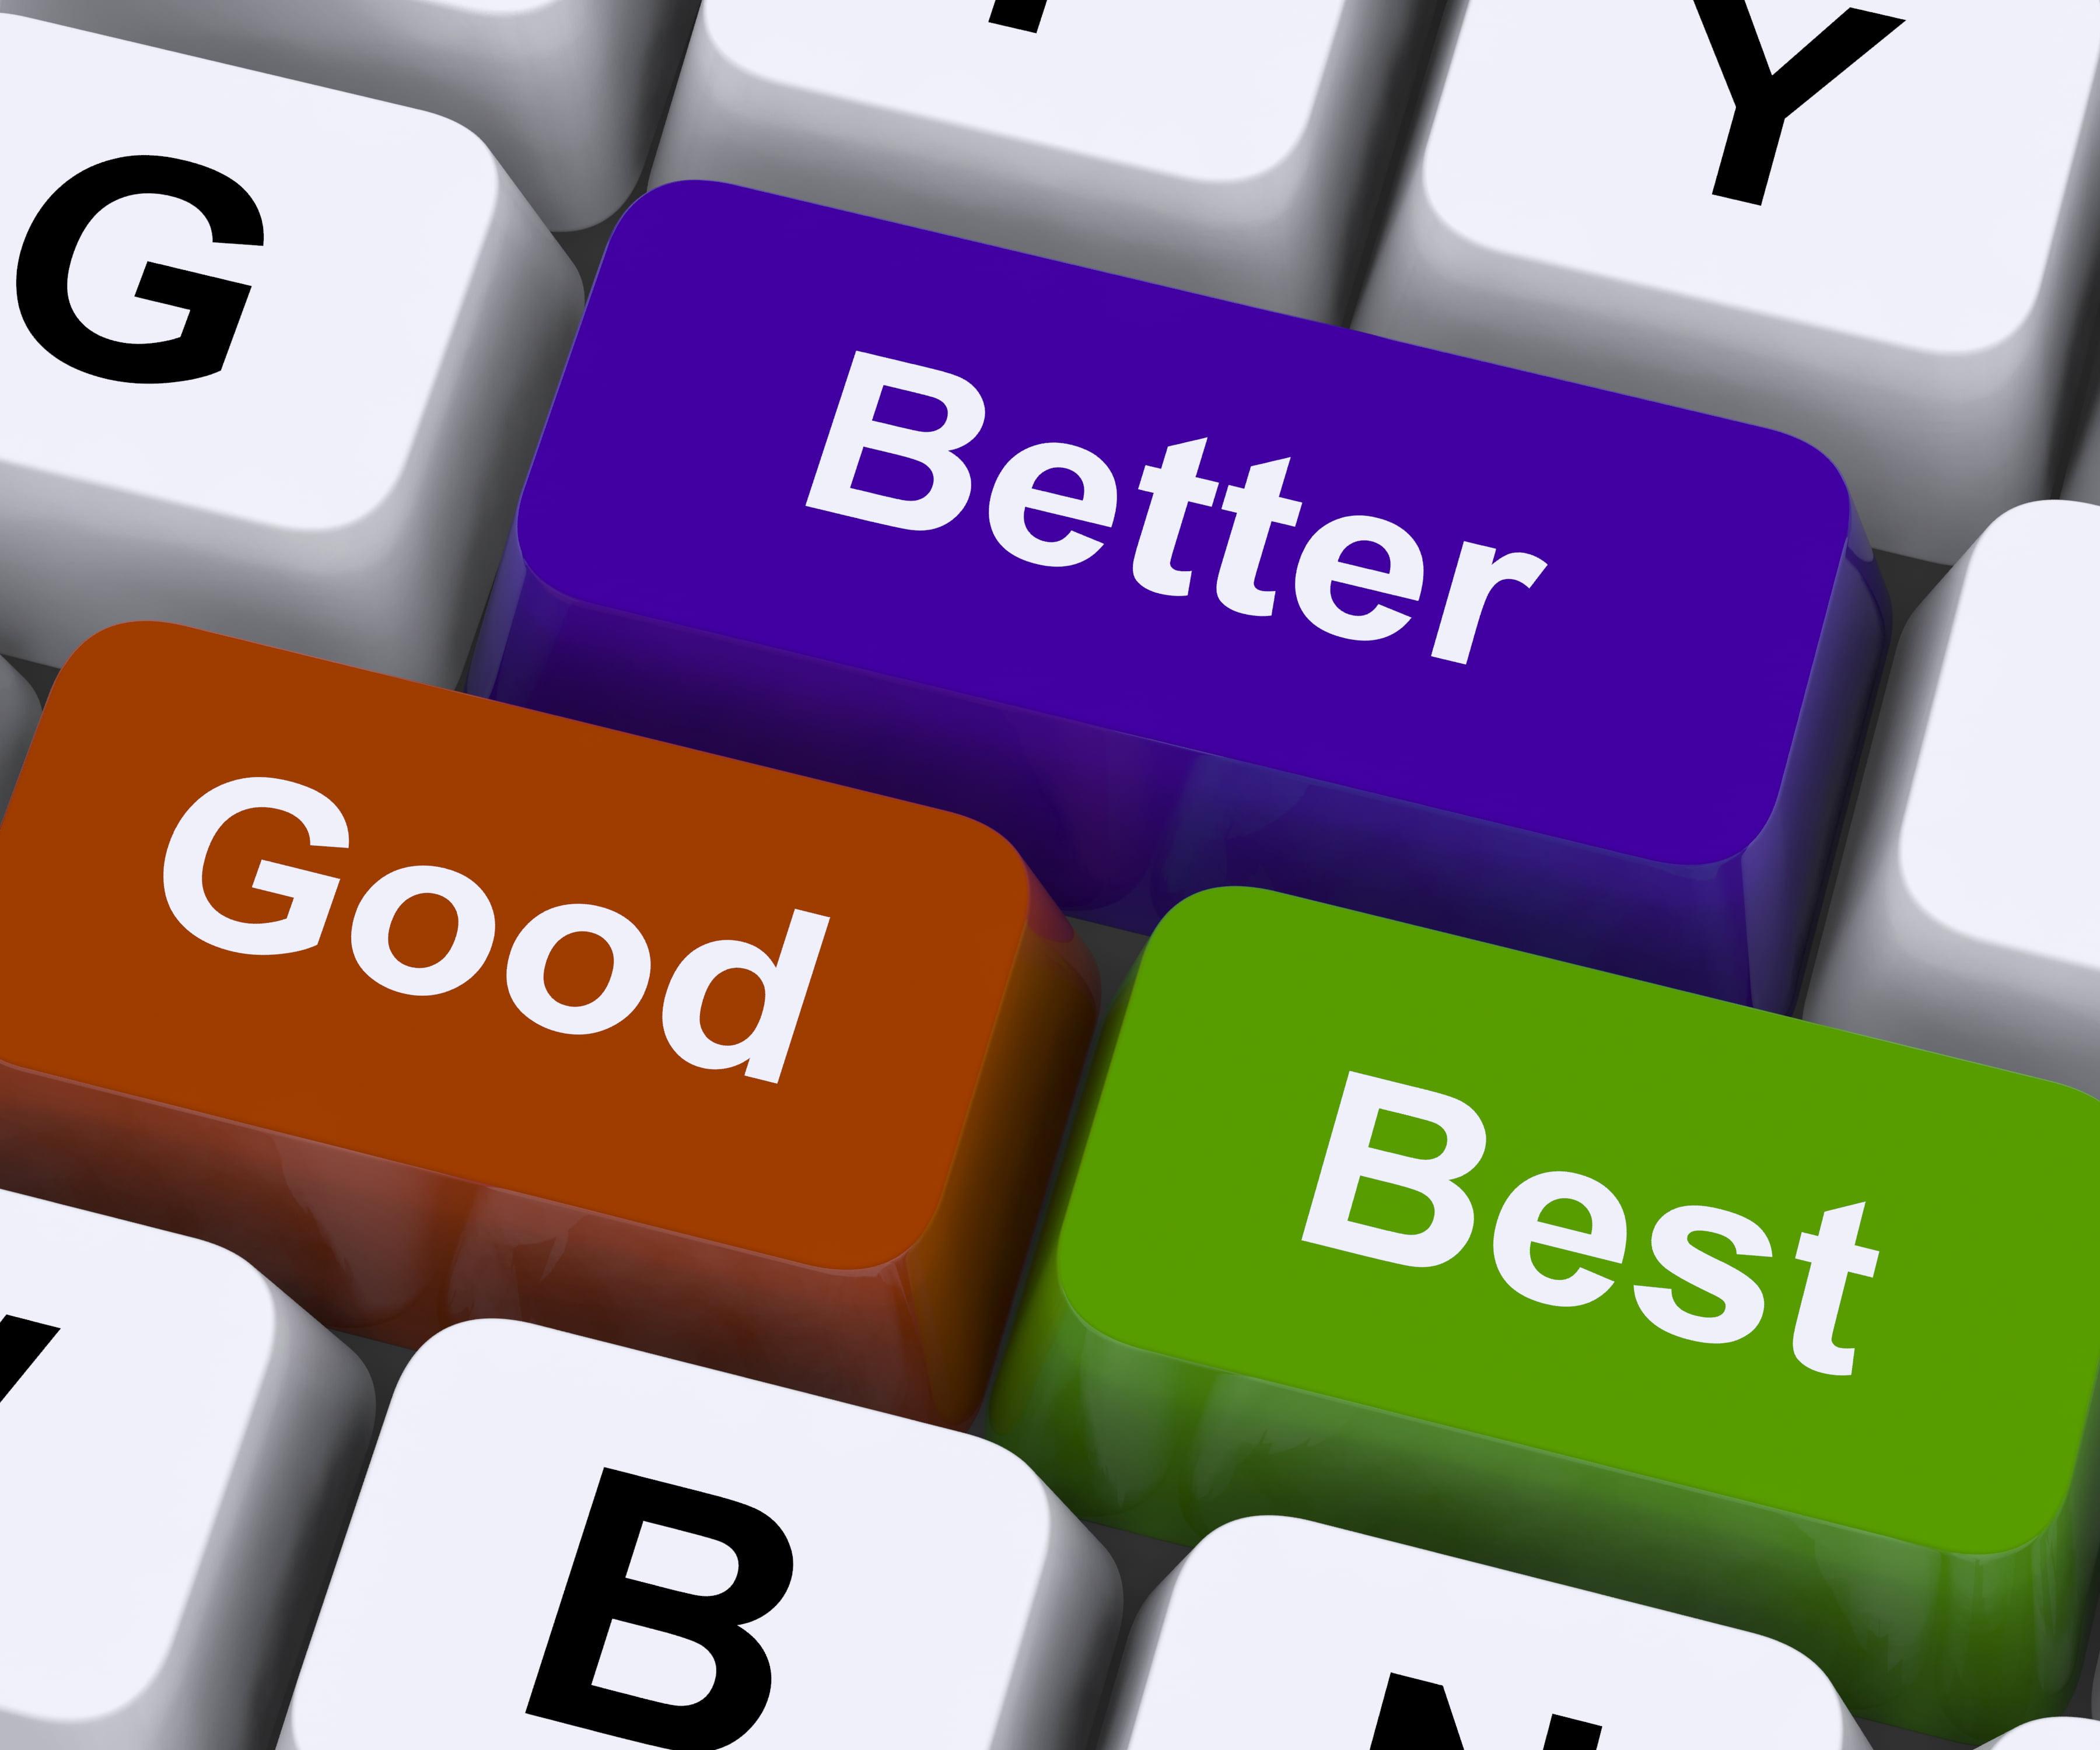 Berufsunfähigkeitsversicherungen Vergleich: Gut, besser, am besten. Grafikquelle colourbox.com